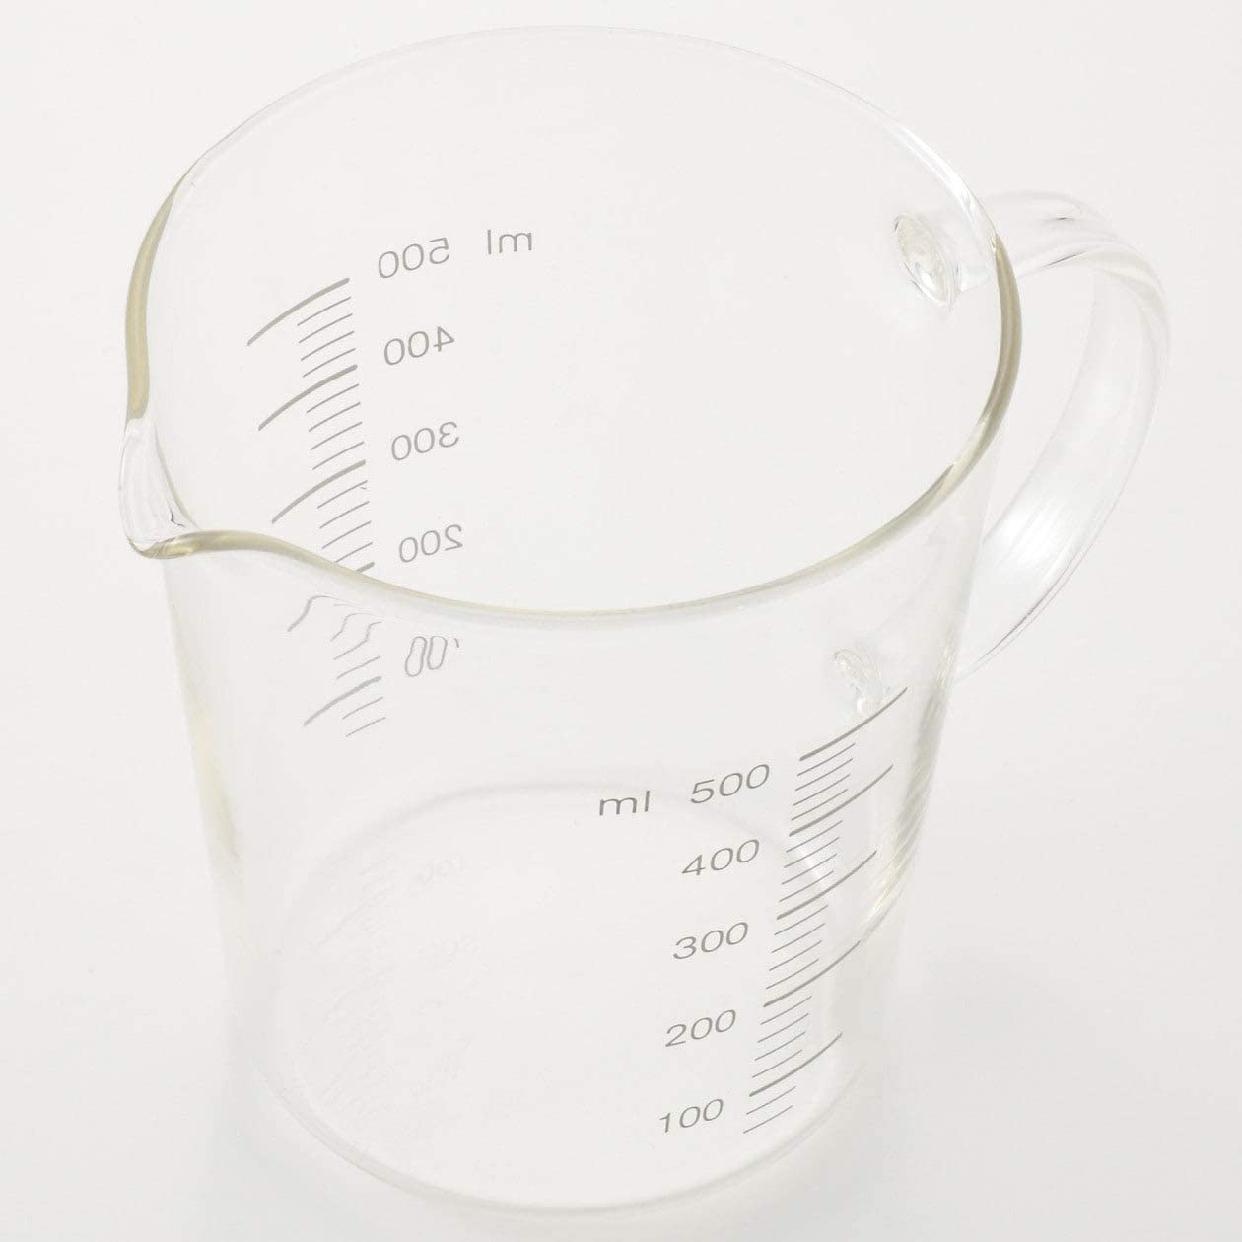 無印良品(MUJI) 耐熱ガラスメジャーカップ 500mlの商品画像3